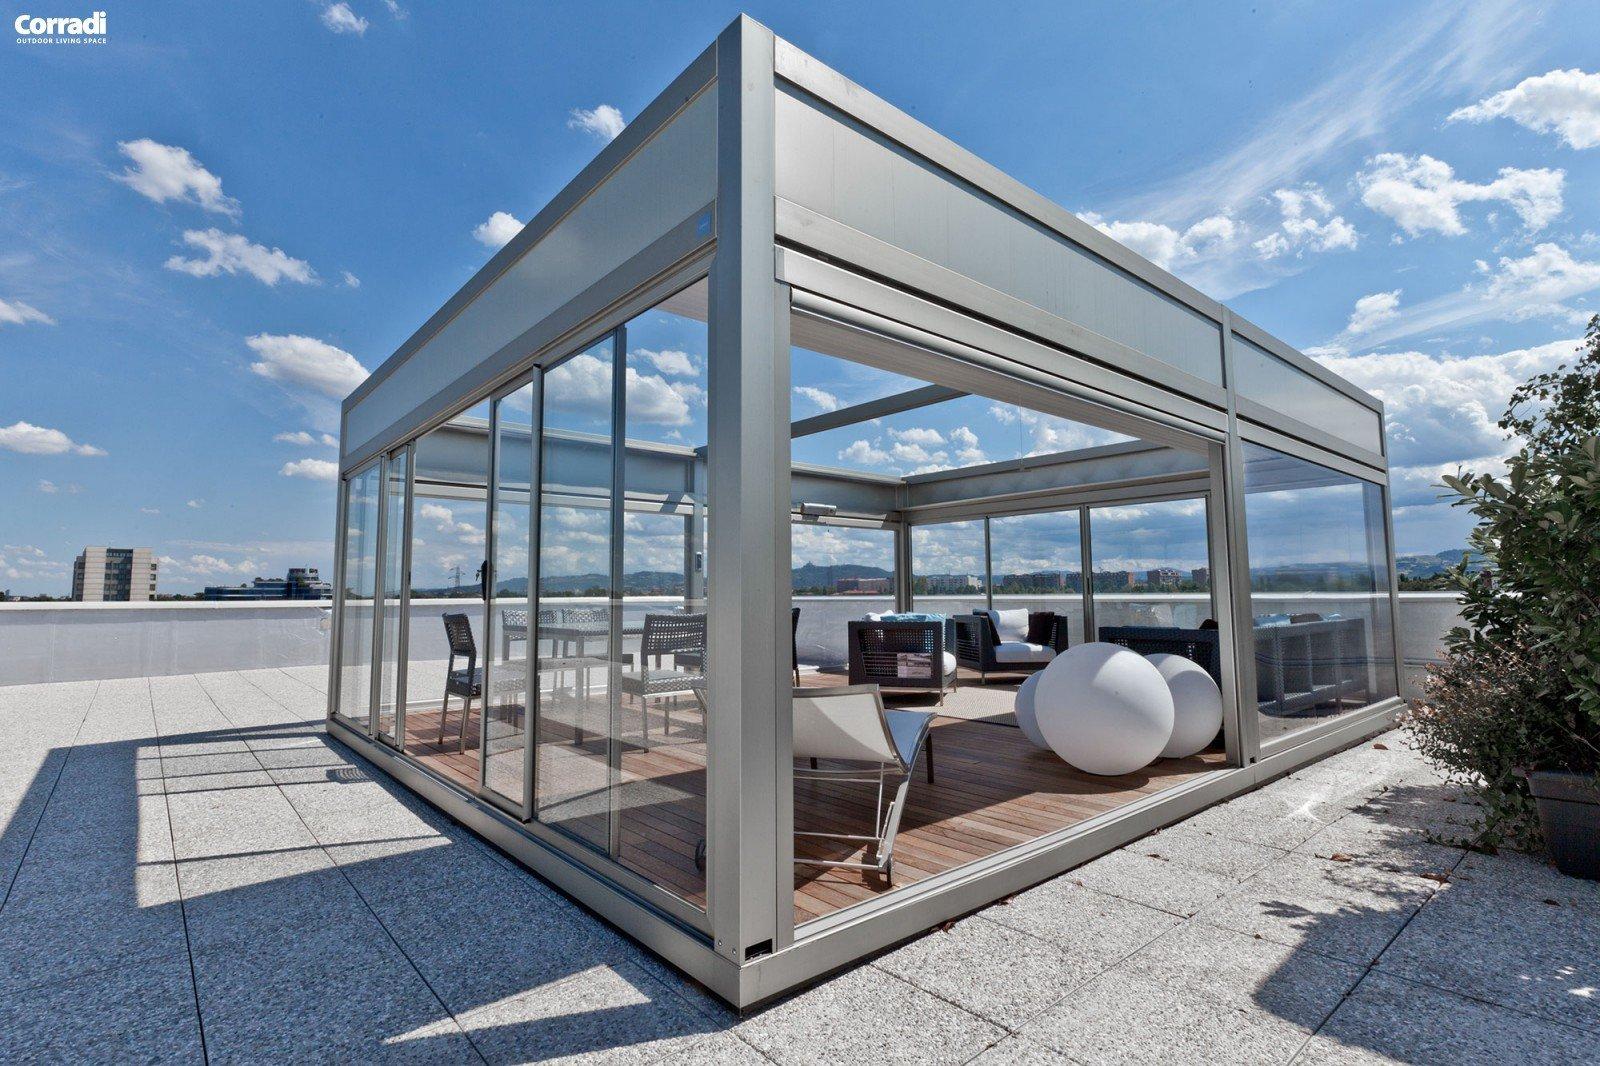 Corradi cubo 038 serramenti brescia net for Architetti studi architettura brescia